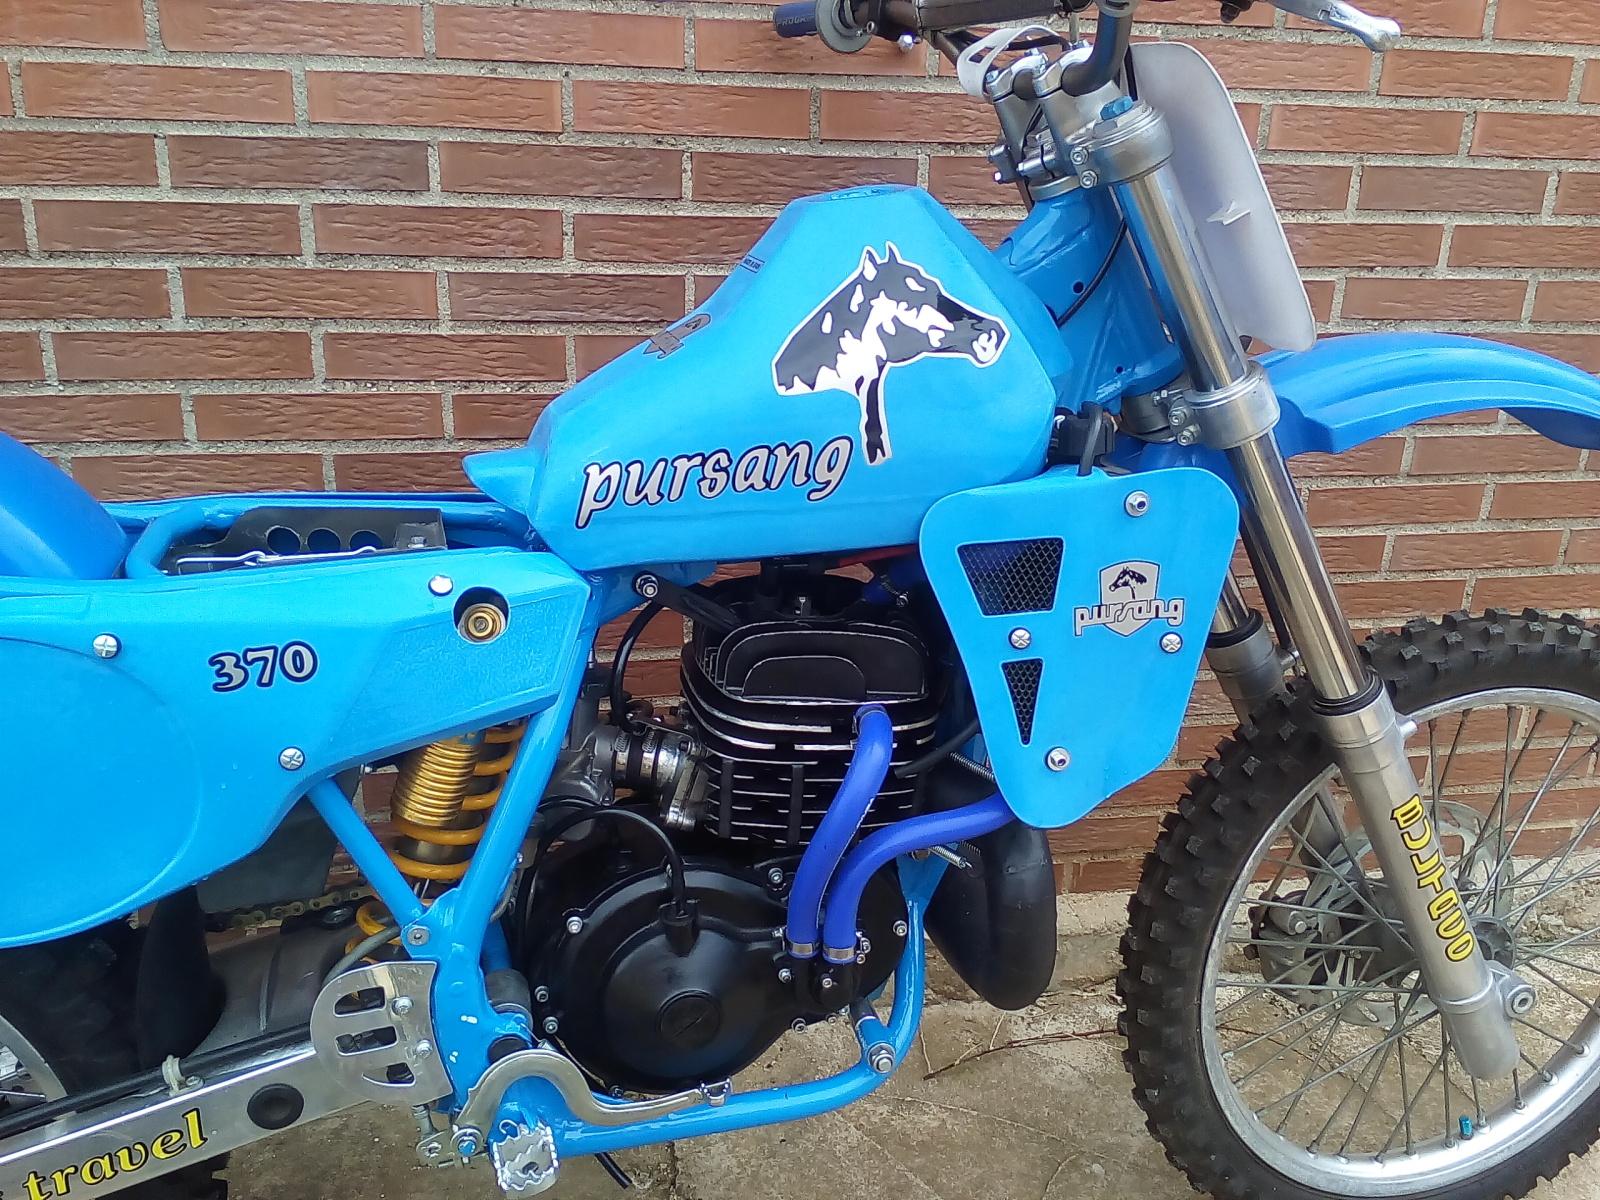 """bultaco - Las Bultaco Pursang MK11 """"Manolo's"""" - Página 3 29yft36"""